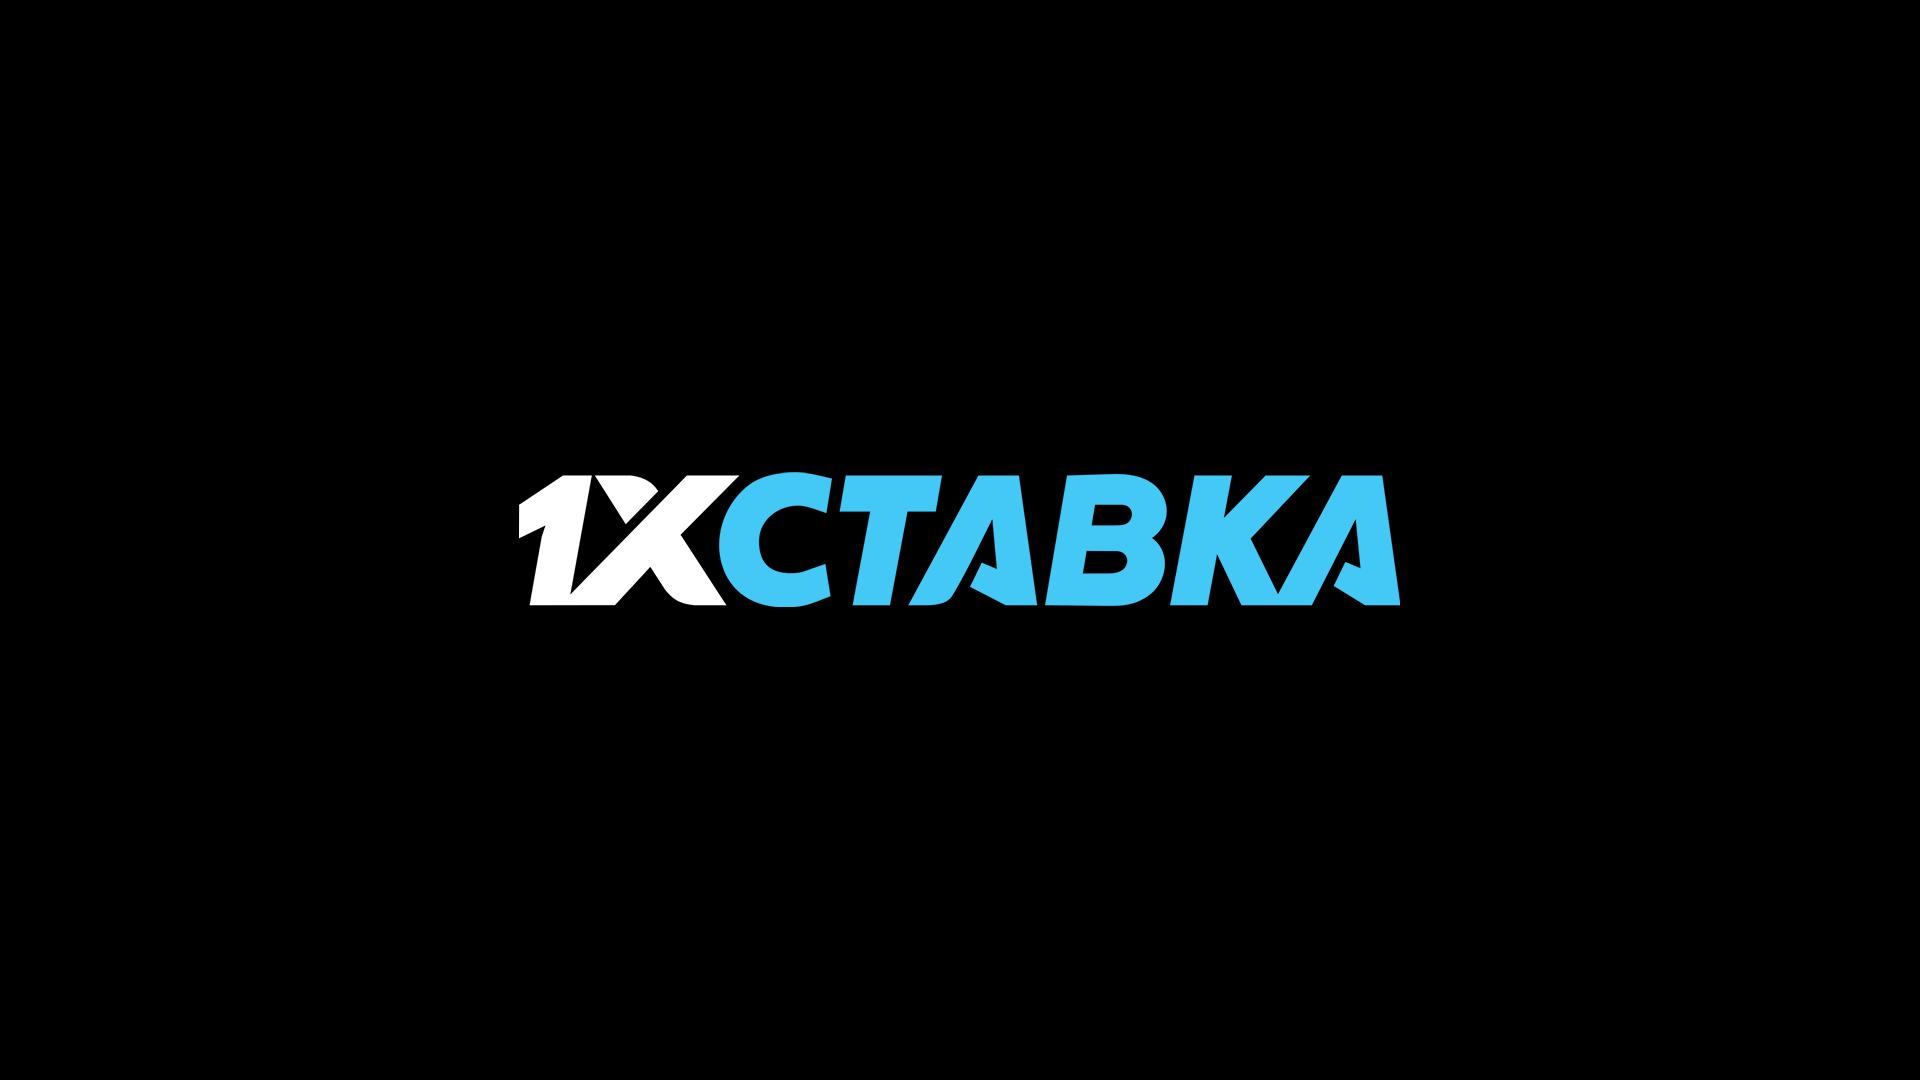 1 х ставка букмекерская контора официальный сайт